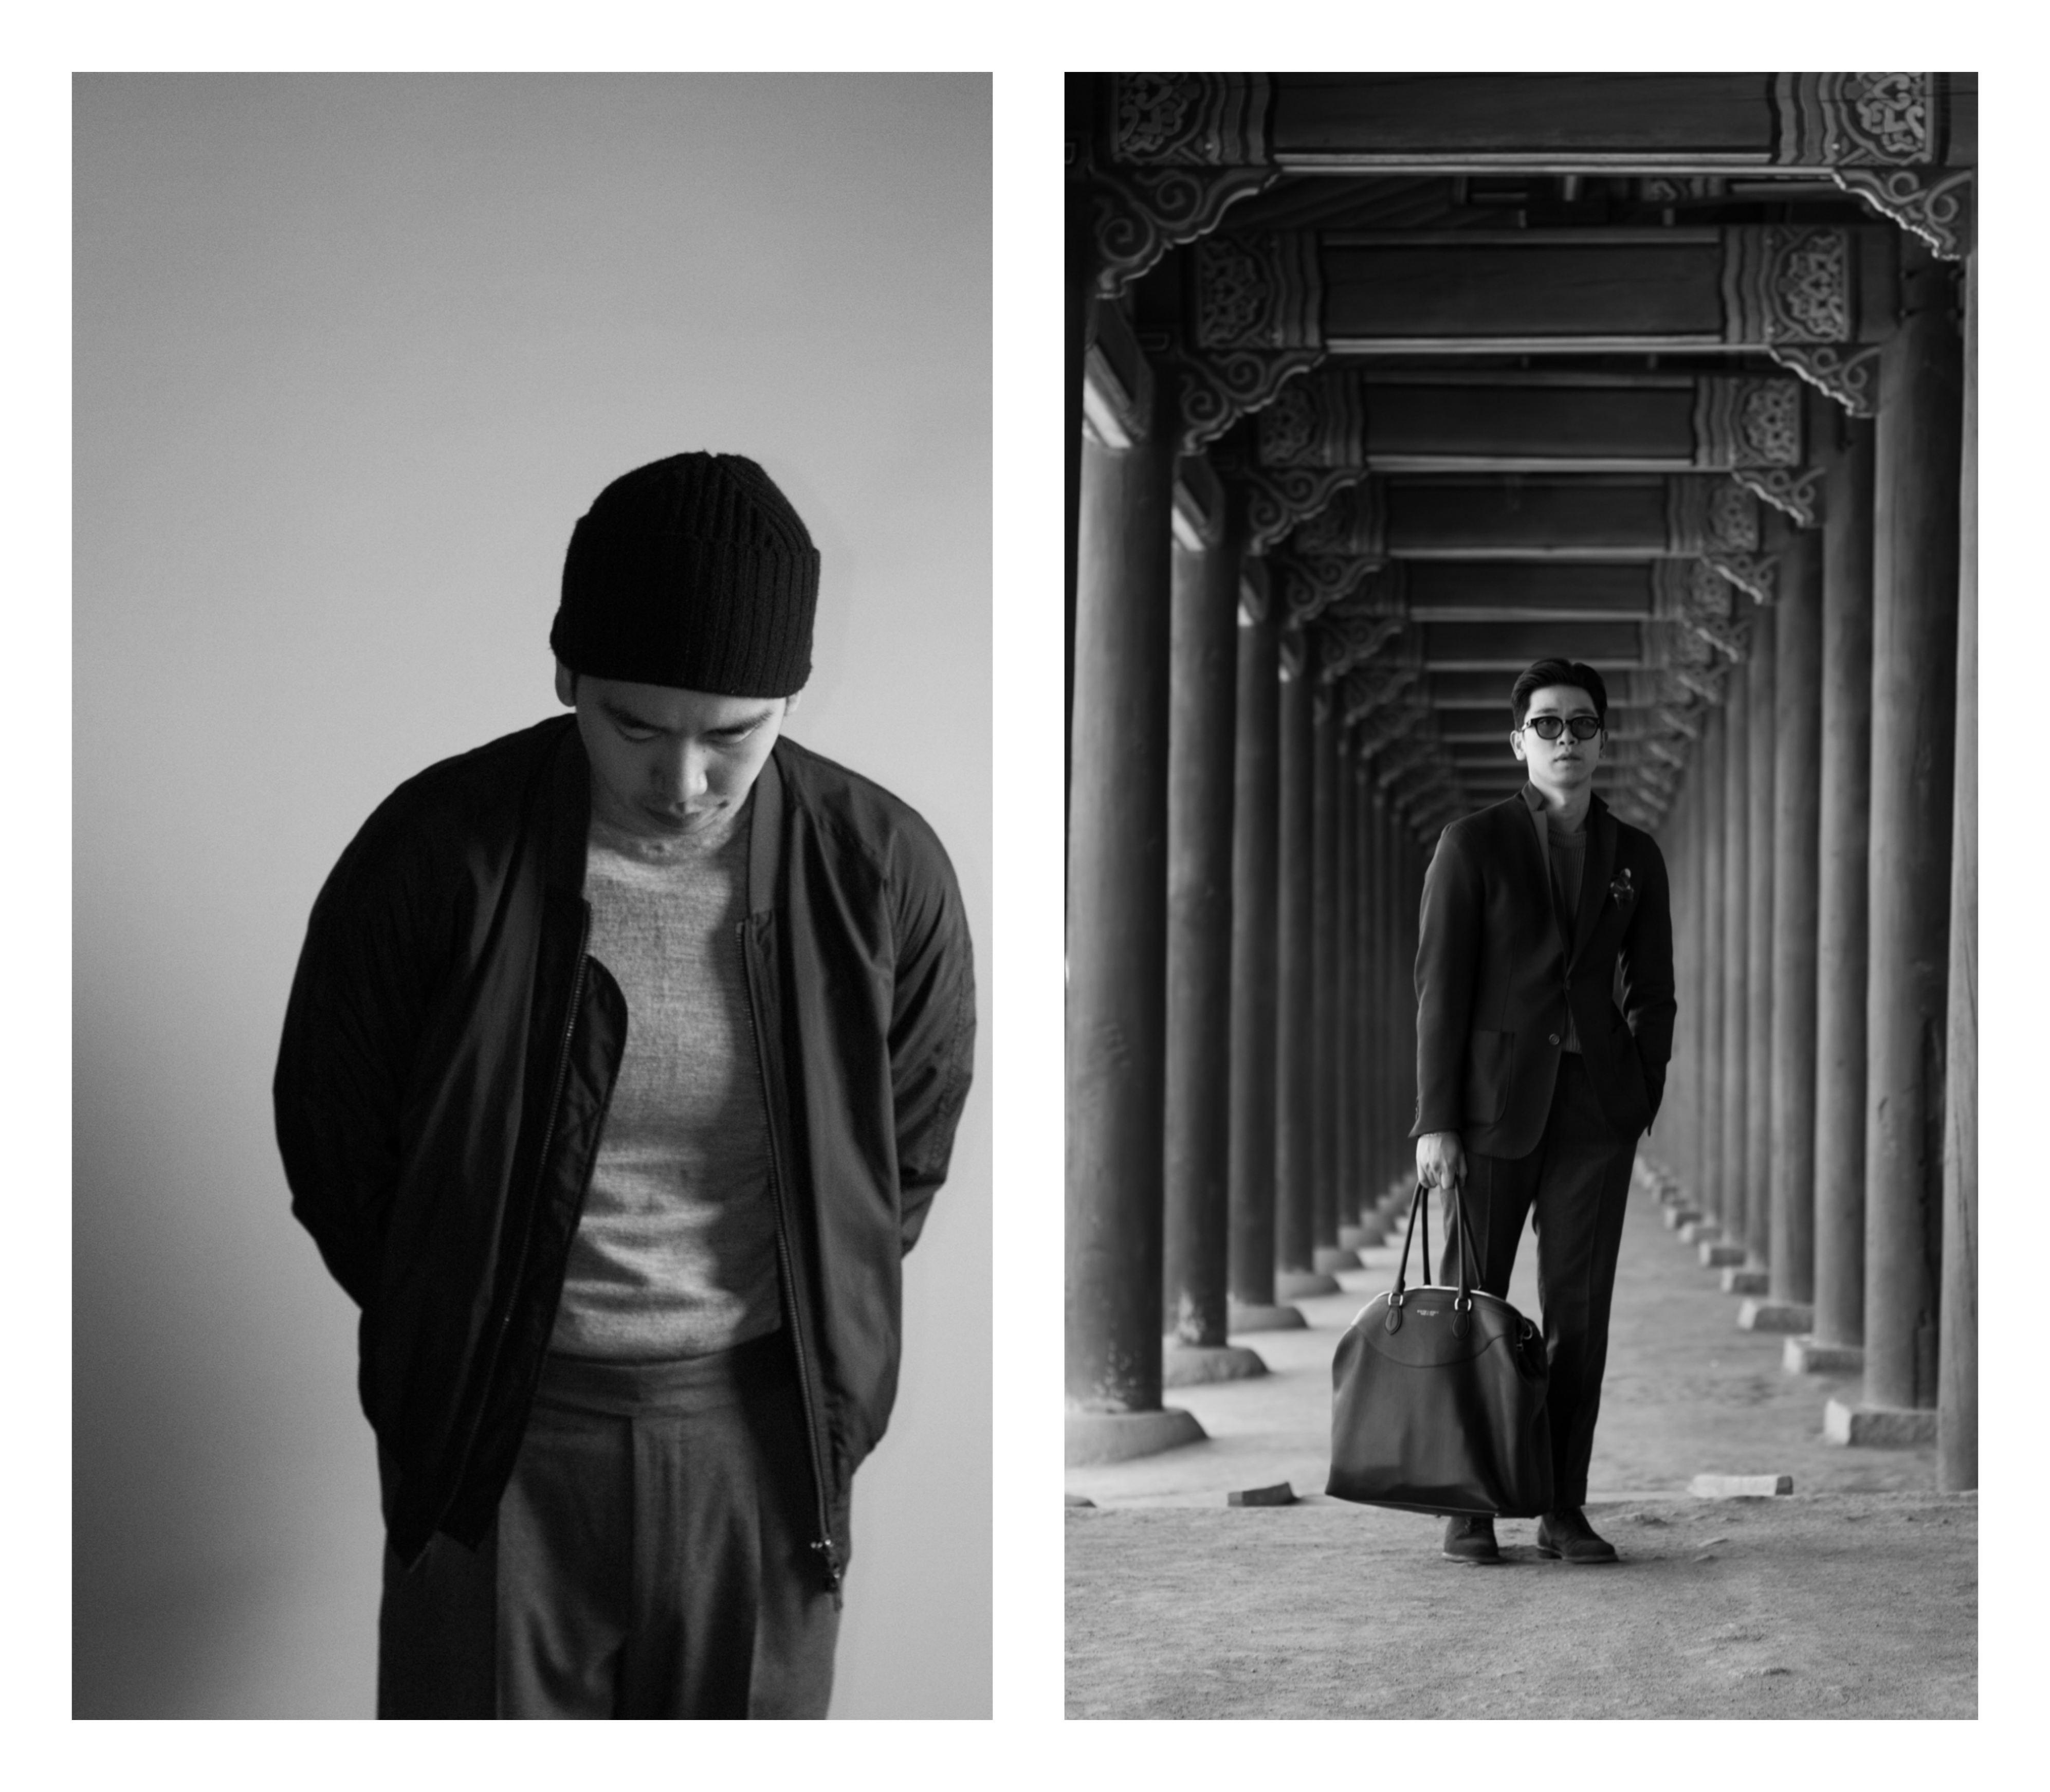 Bilde av to av Quy sine antrekk